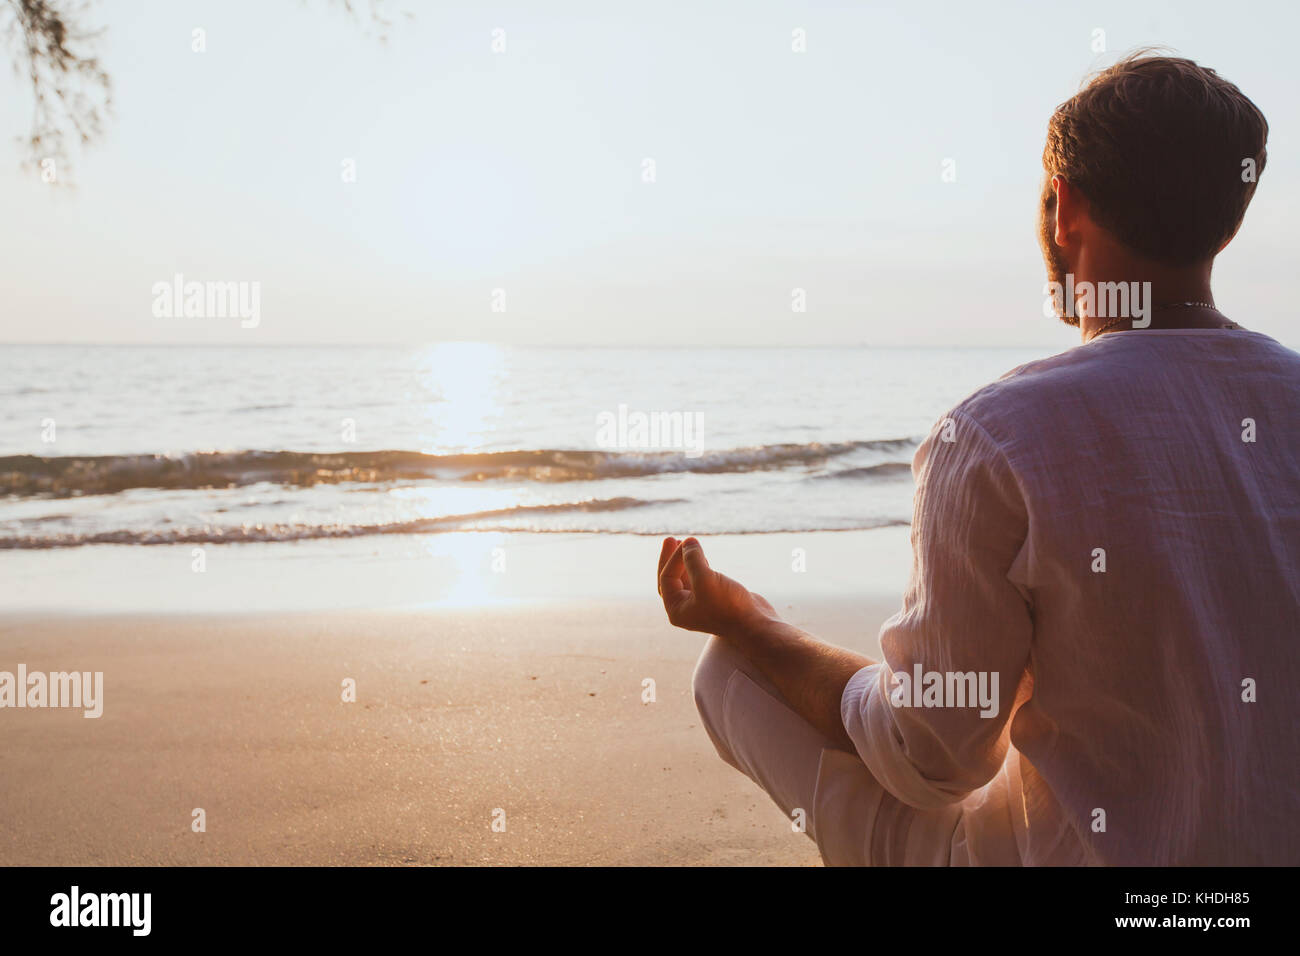 La meditación, el hombre practicando yoga en sunset beach, fondo con espacio de copia Imagen De Stock